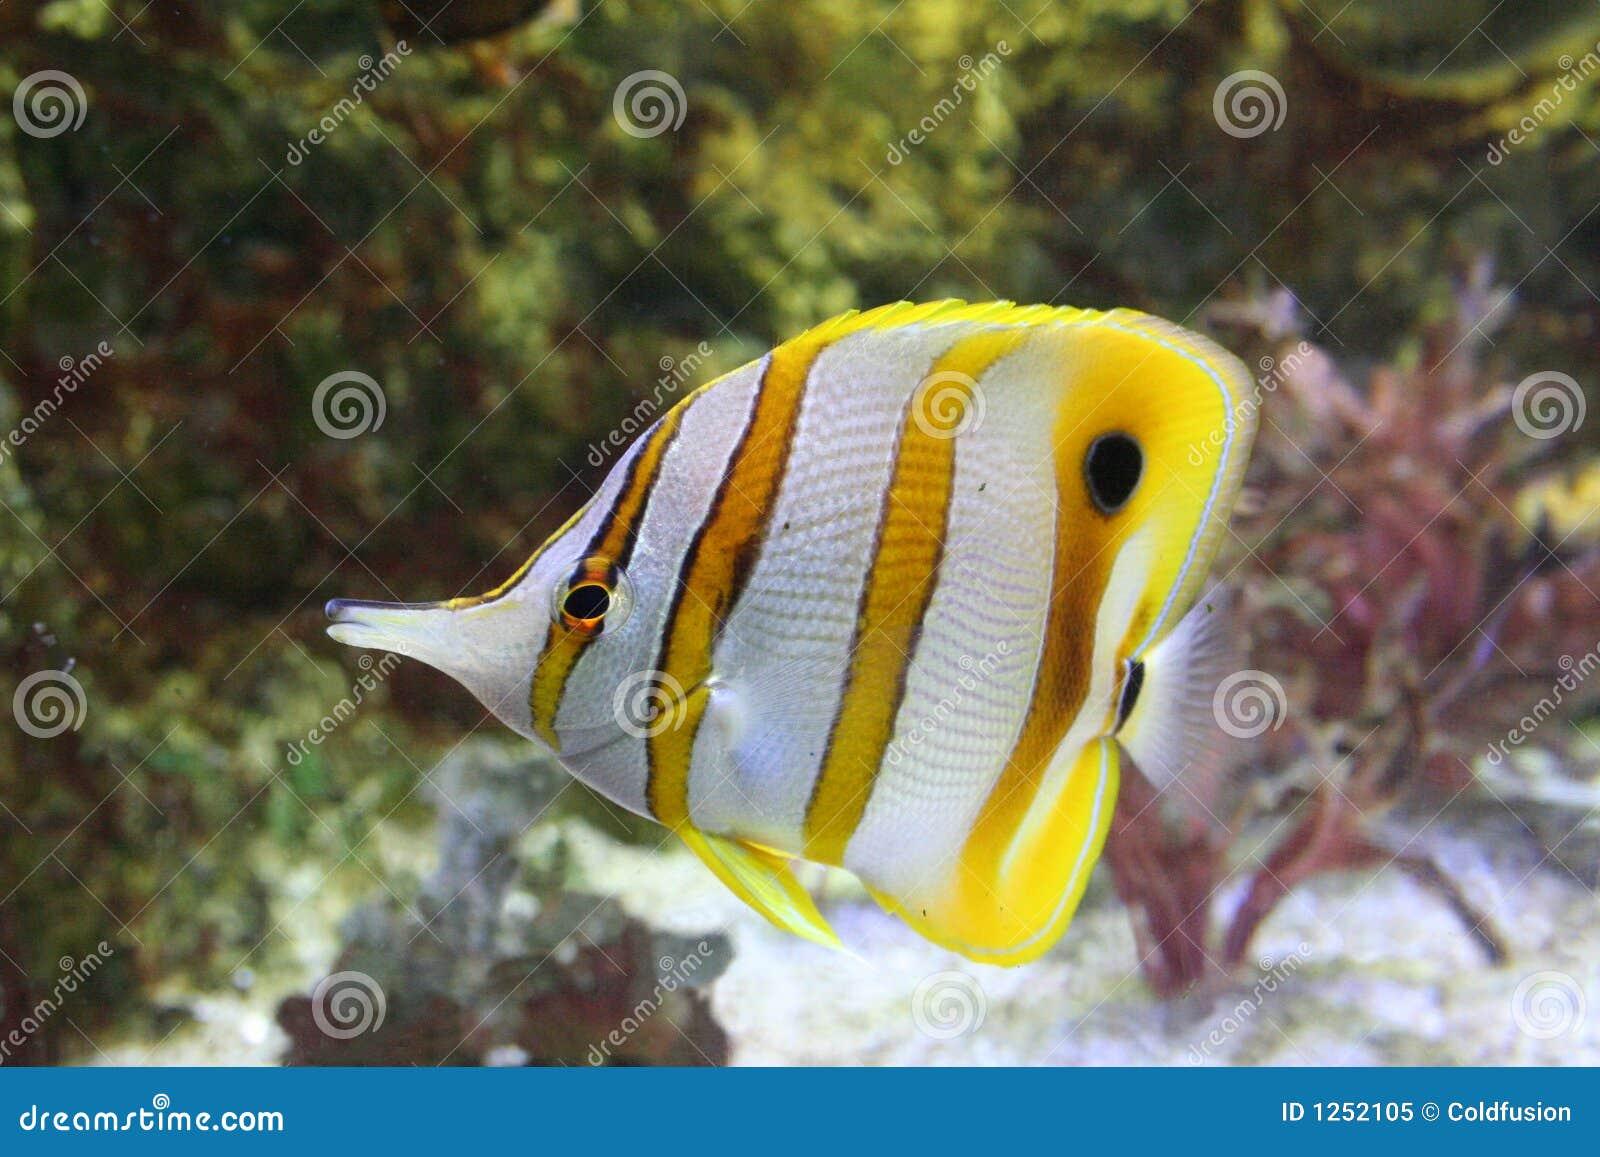 Pesci tropicali fotografia stock libera da diritti for Acquario pesci tropicali